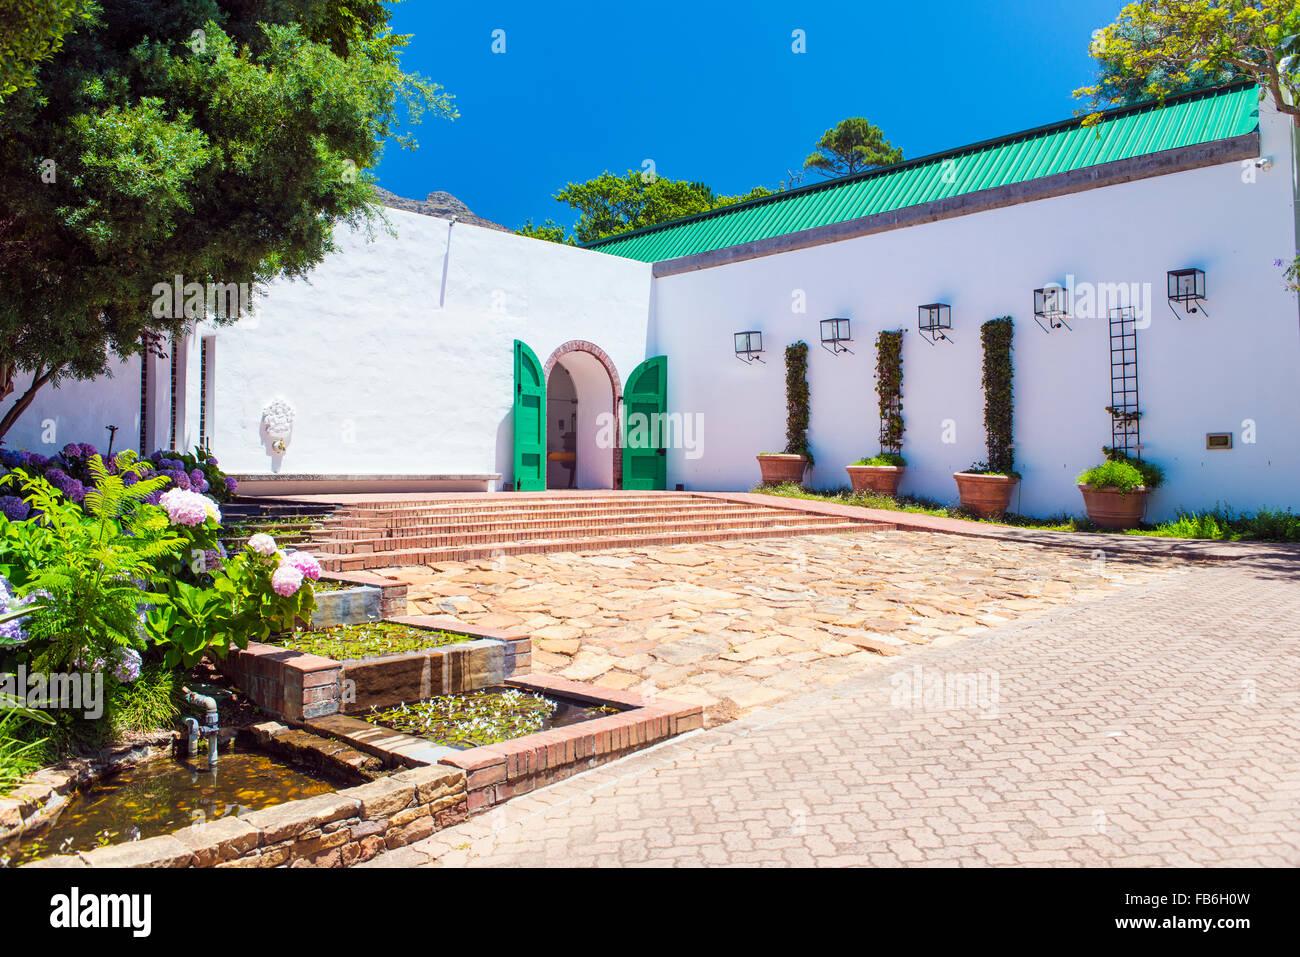 Der Eingang zum Klein Constantia Wine Estate in Kapstadt, Südafrika Stockbild